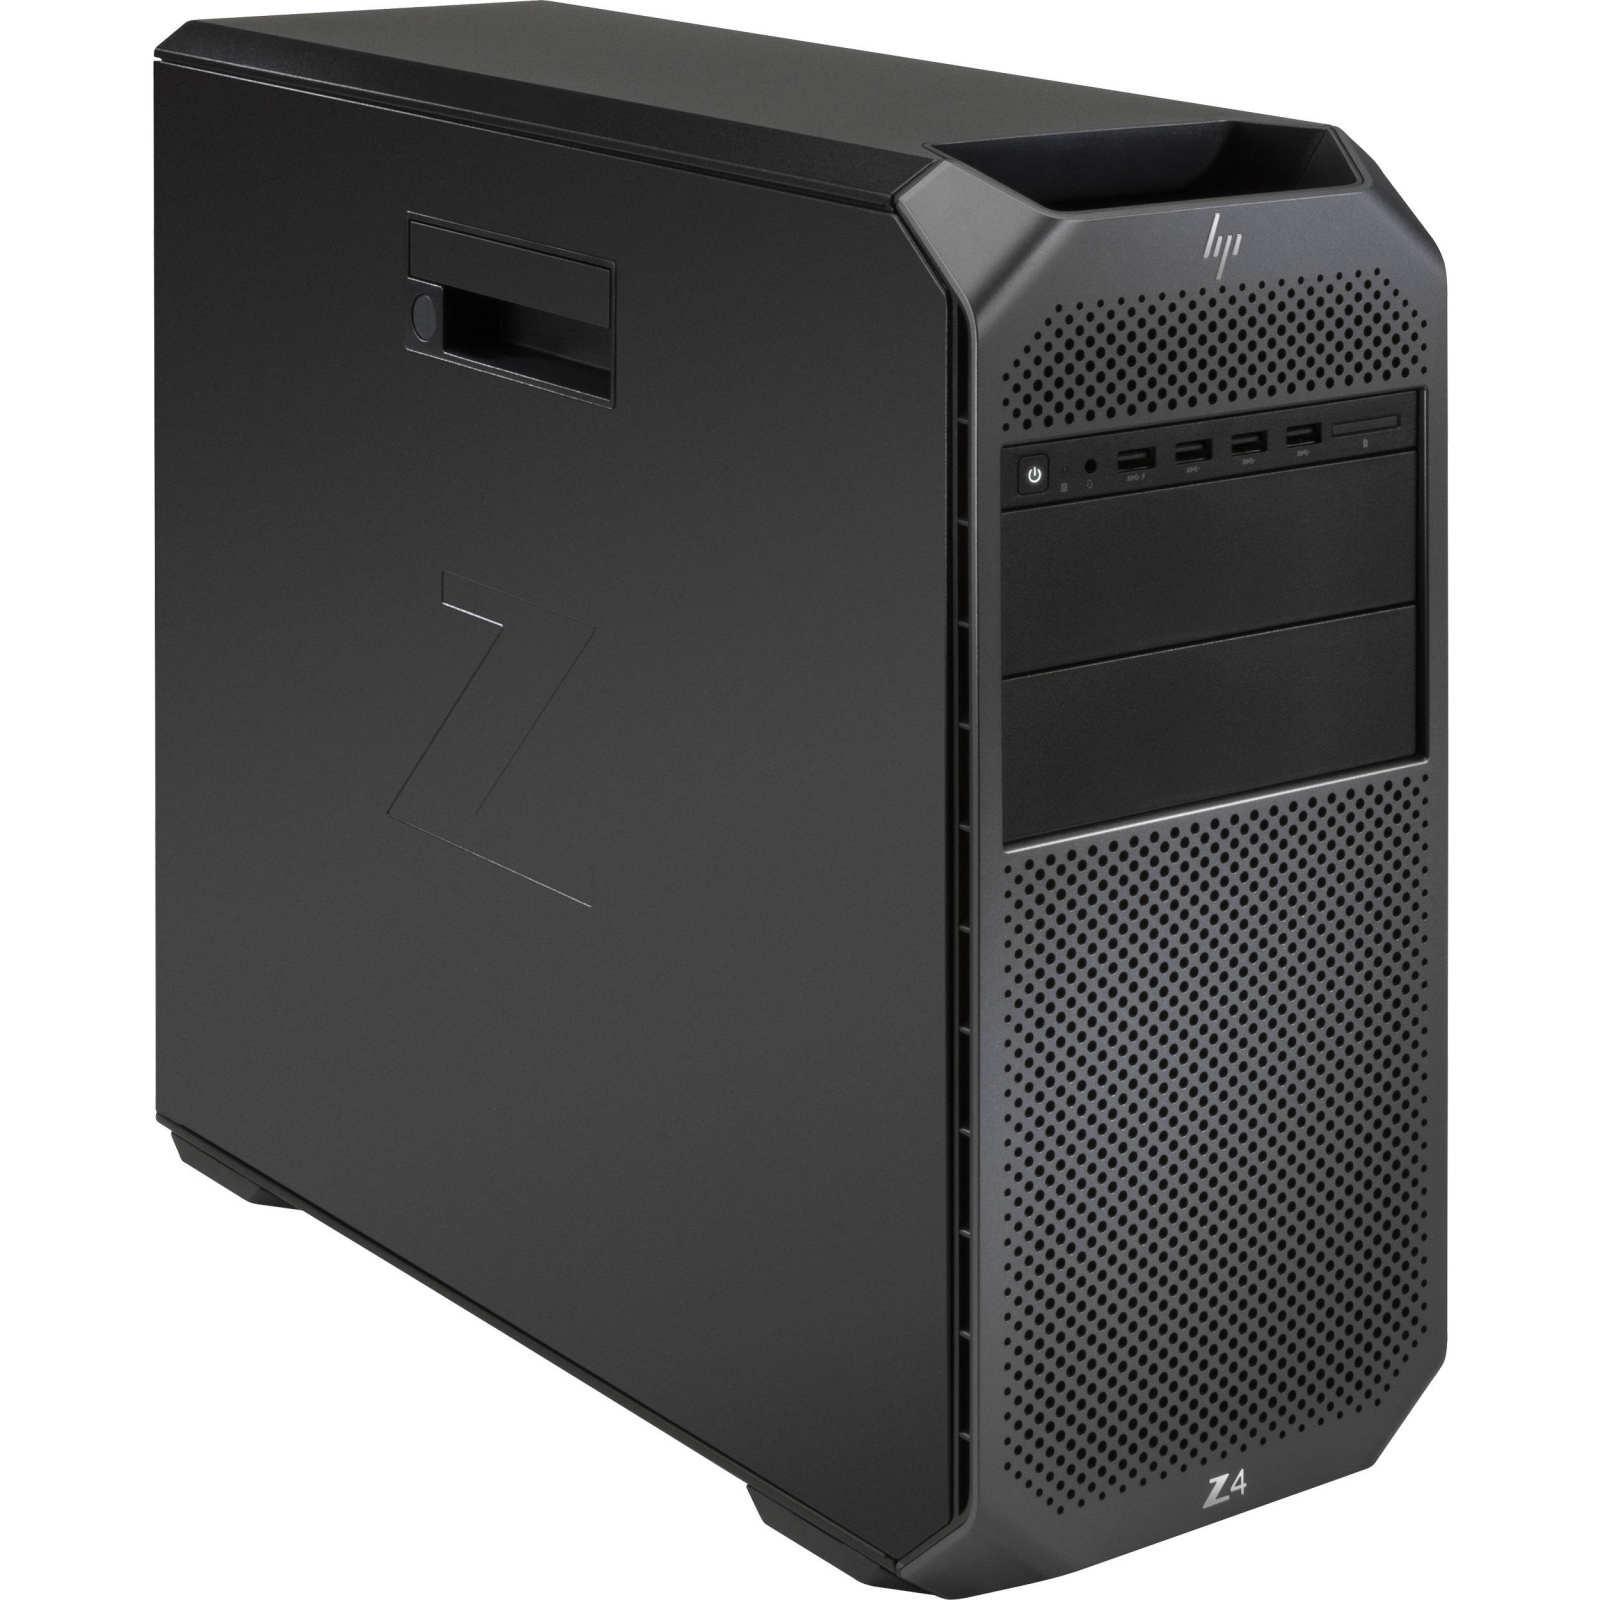 کامپیوتر دسکتاپ اچ پی مدل Z4 G4 Workstation-G